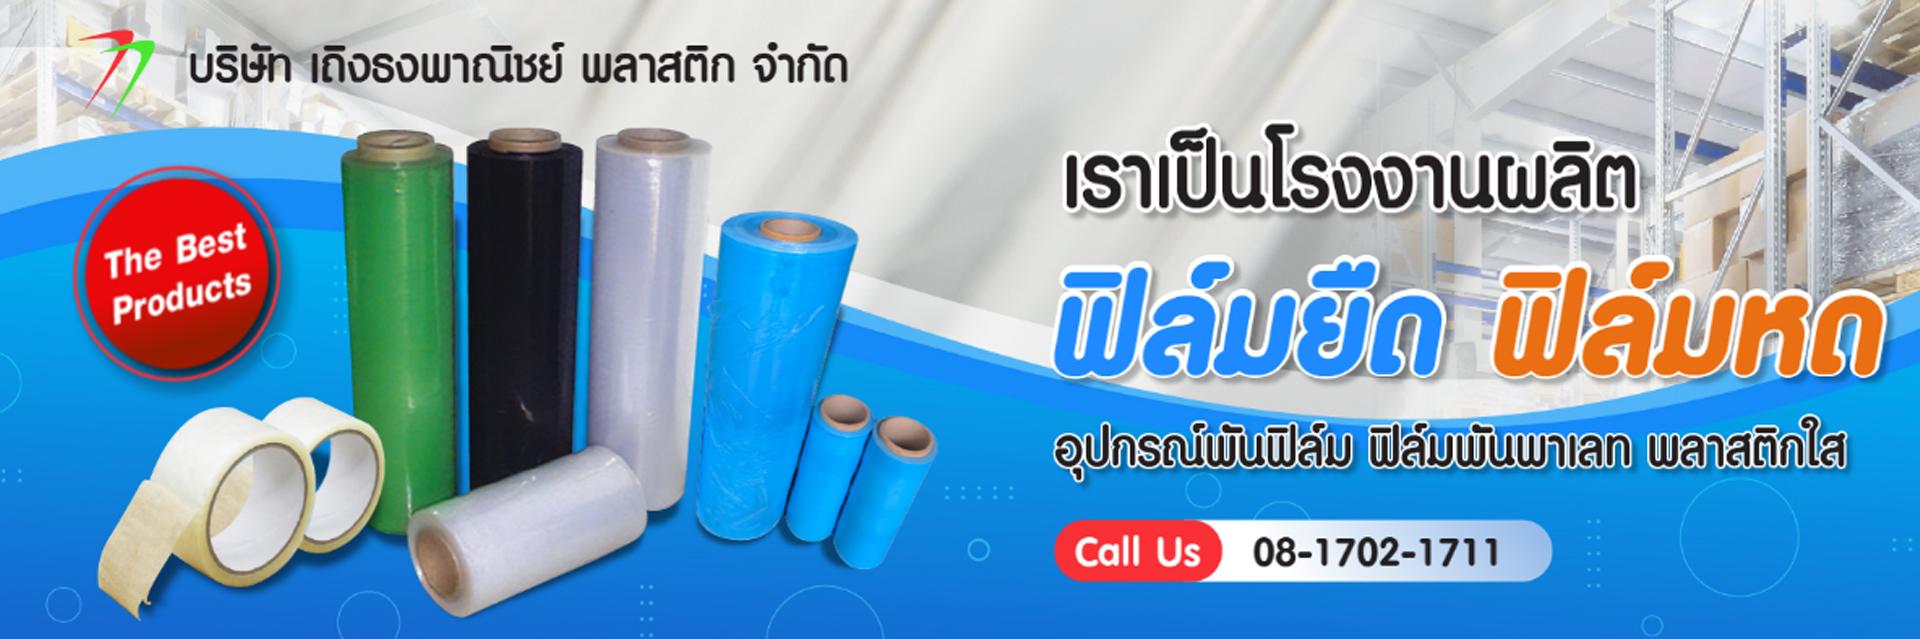 https://www.thaifilmwrap.com